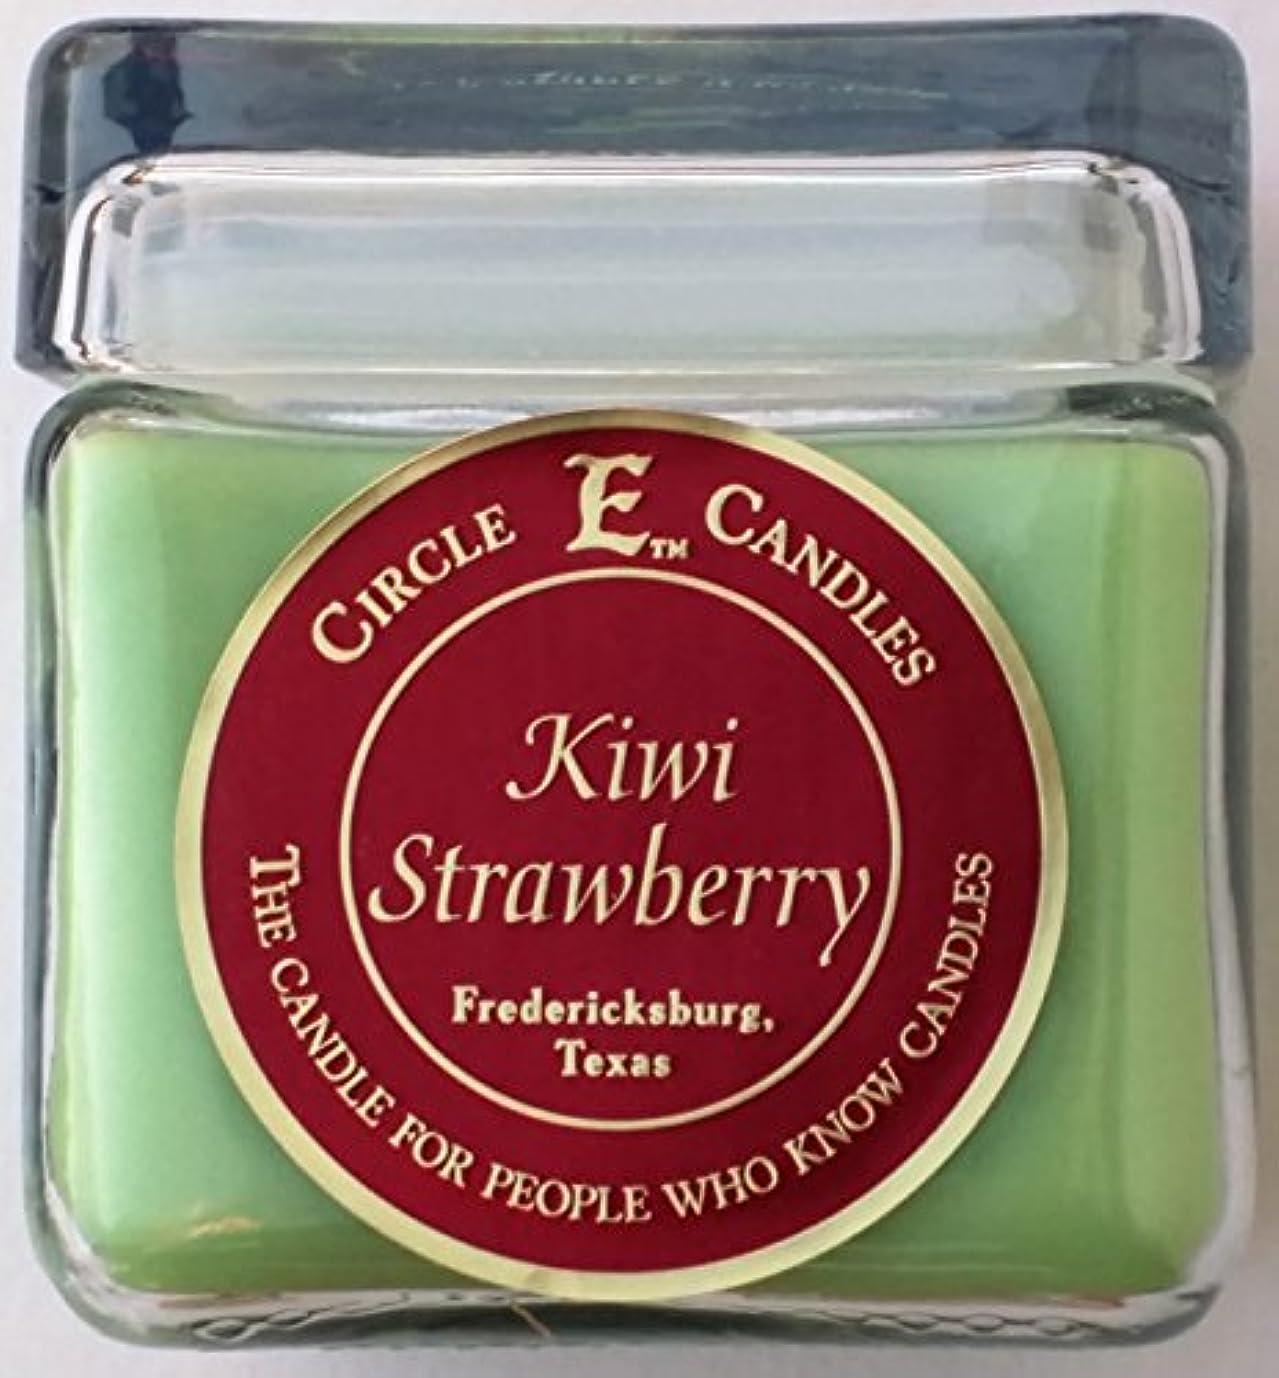 28oz円E Kiwi Strawberry Candle